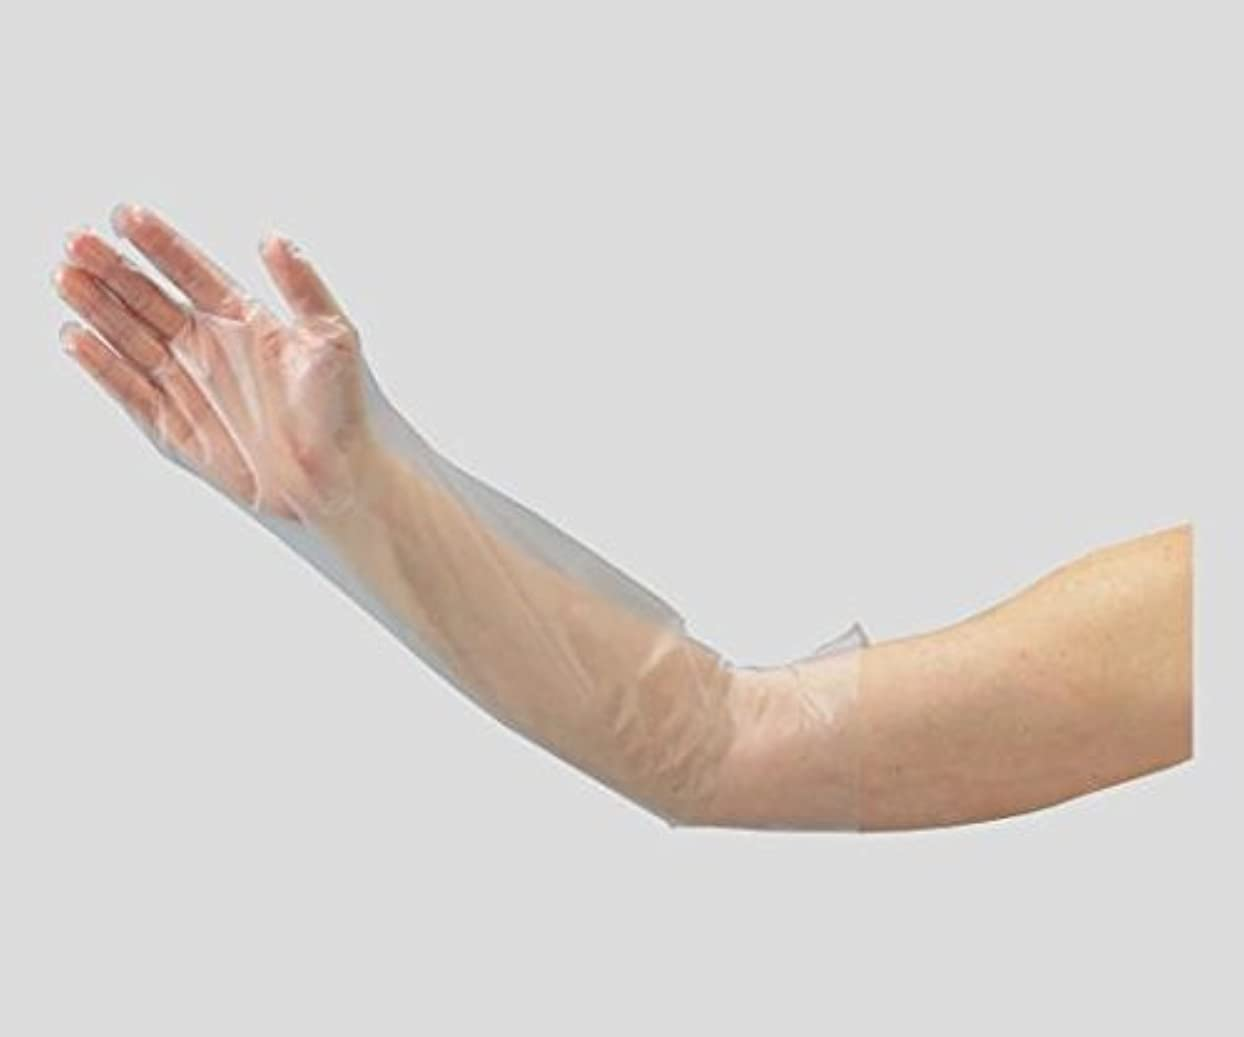 真似るビジョン大胆2-9757-02ポリエチレンロング手袋(ひじピタ)M100枚入